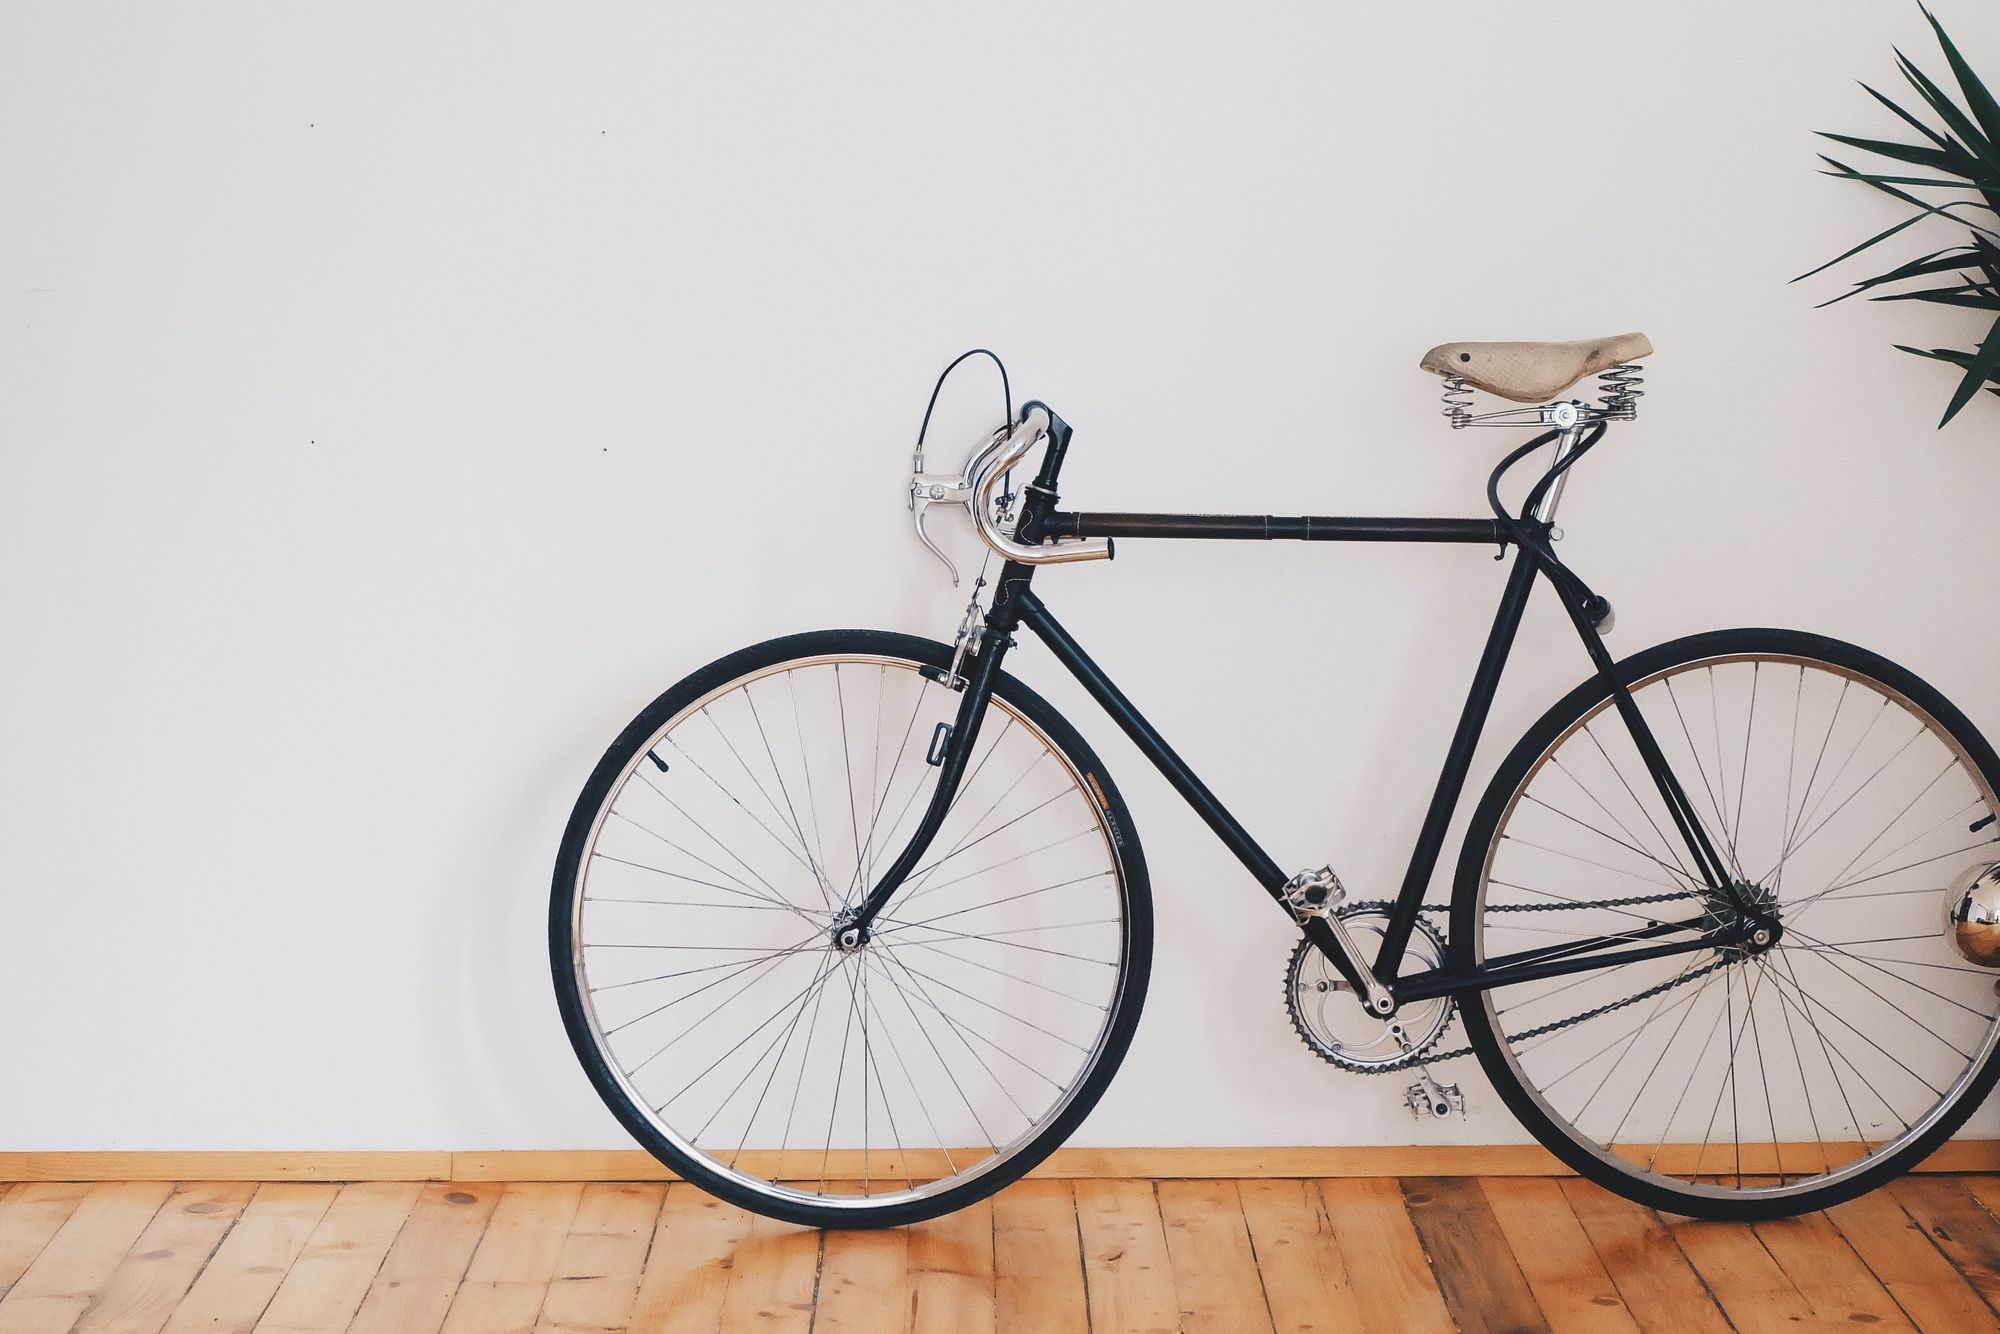 activity-bicycle-bike-biker-276517